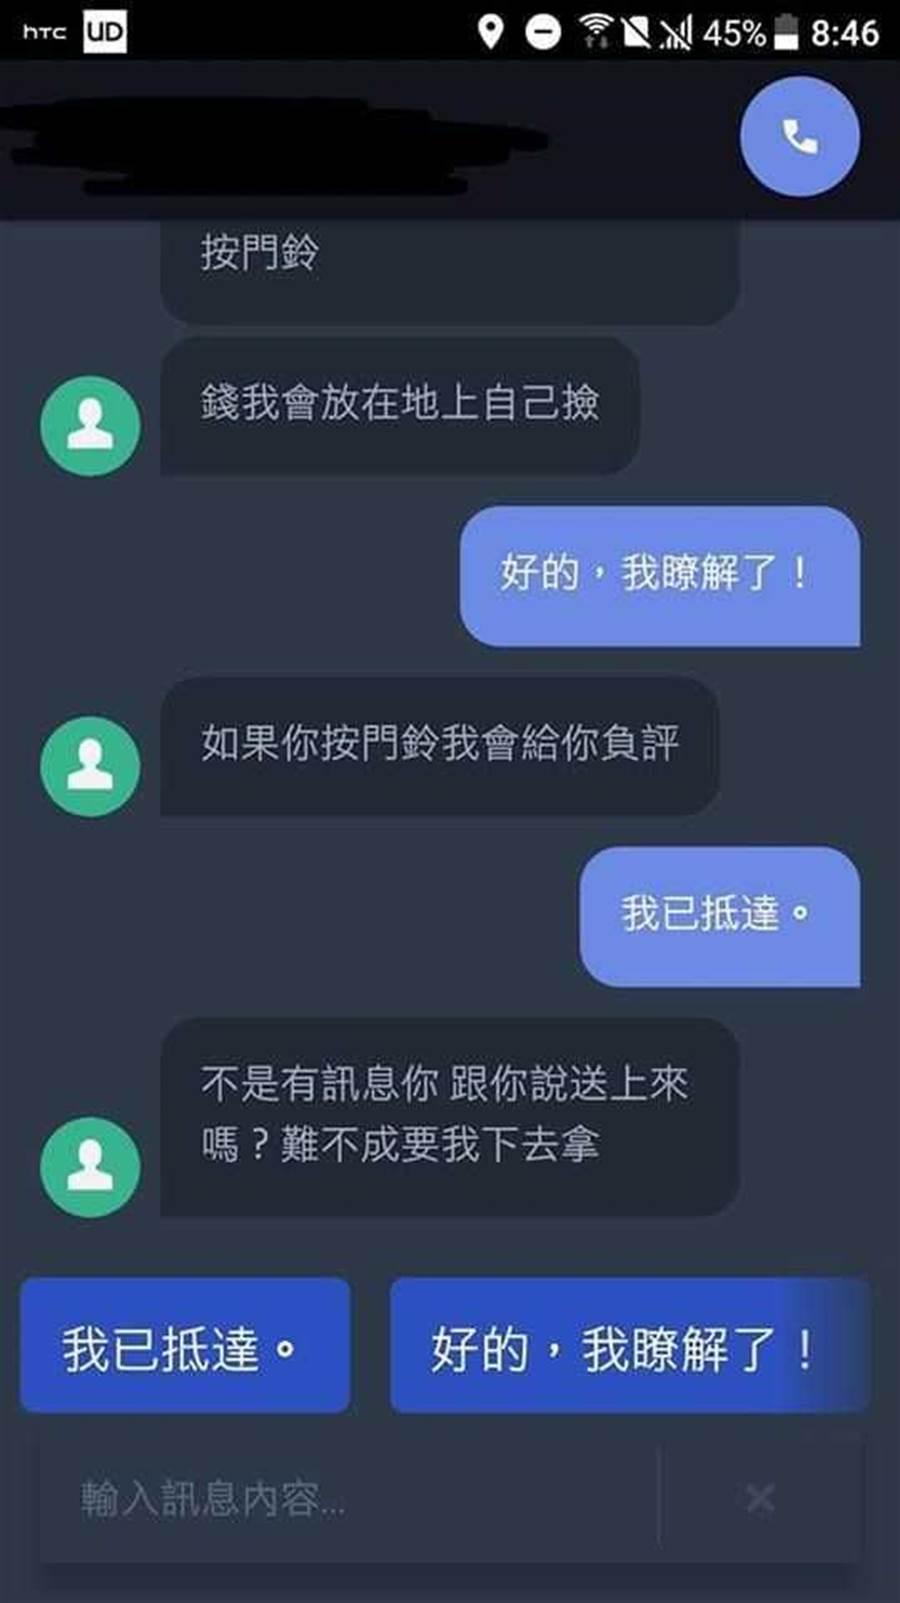 (圖/翻攝自爆廢公社)